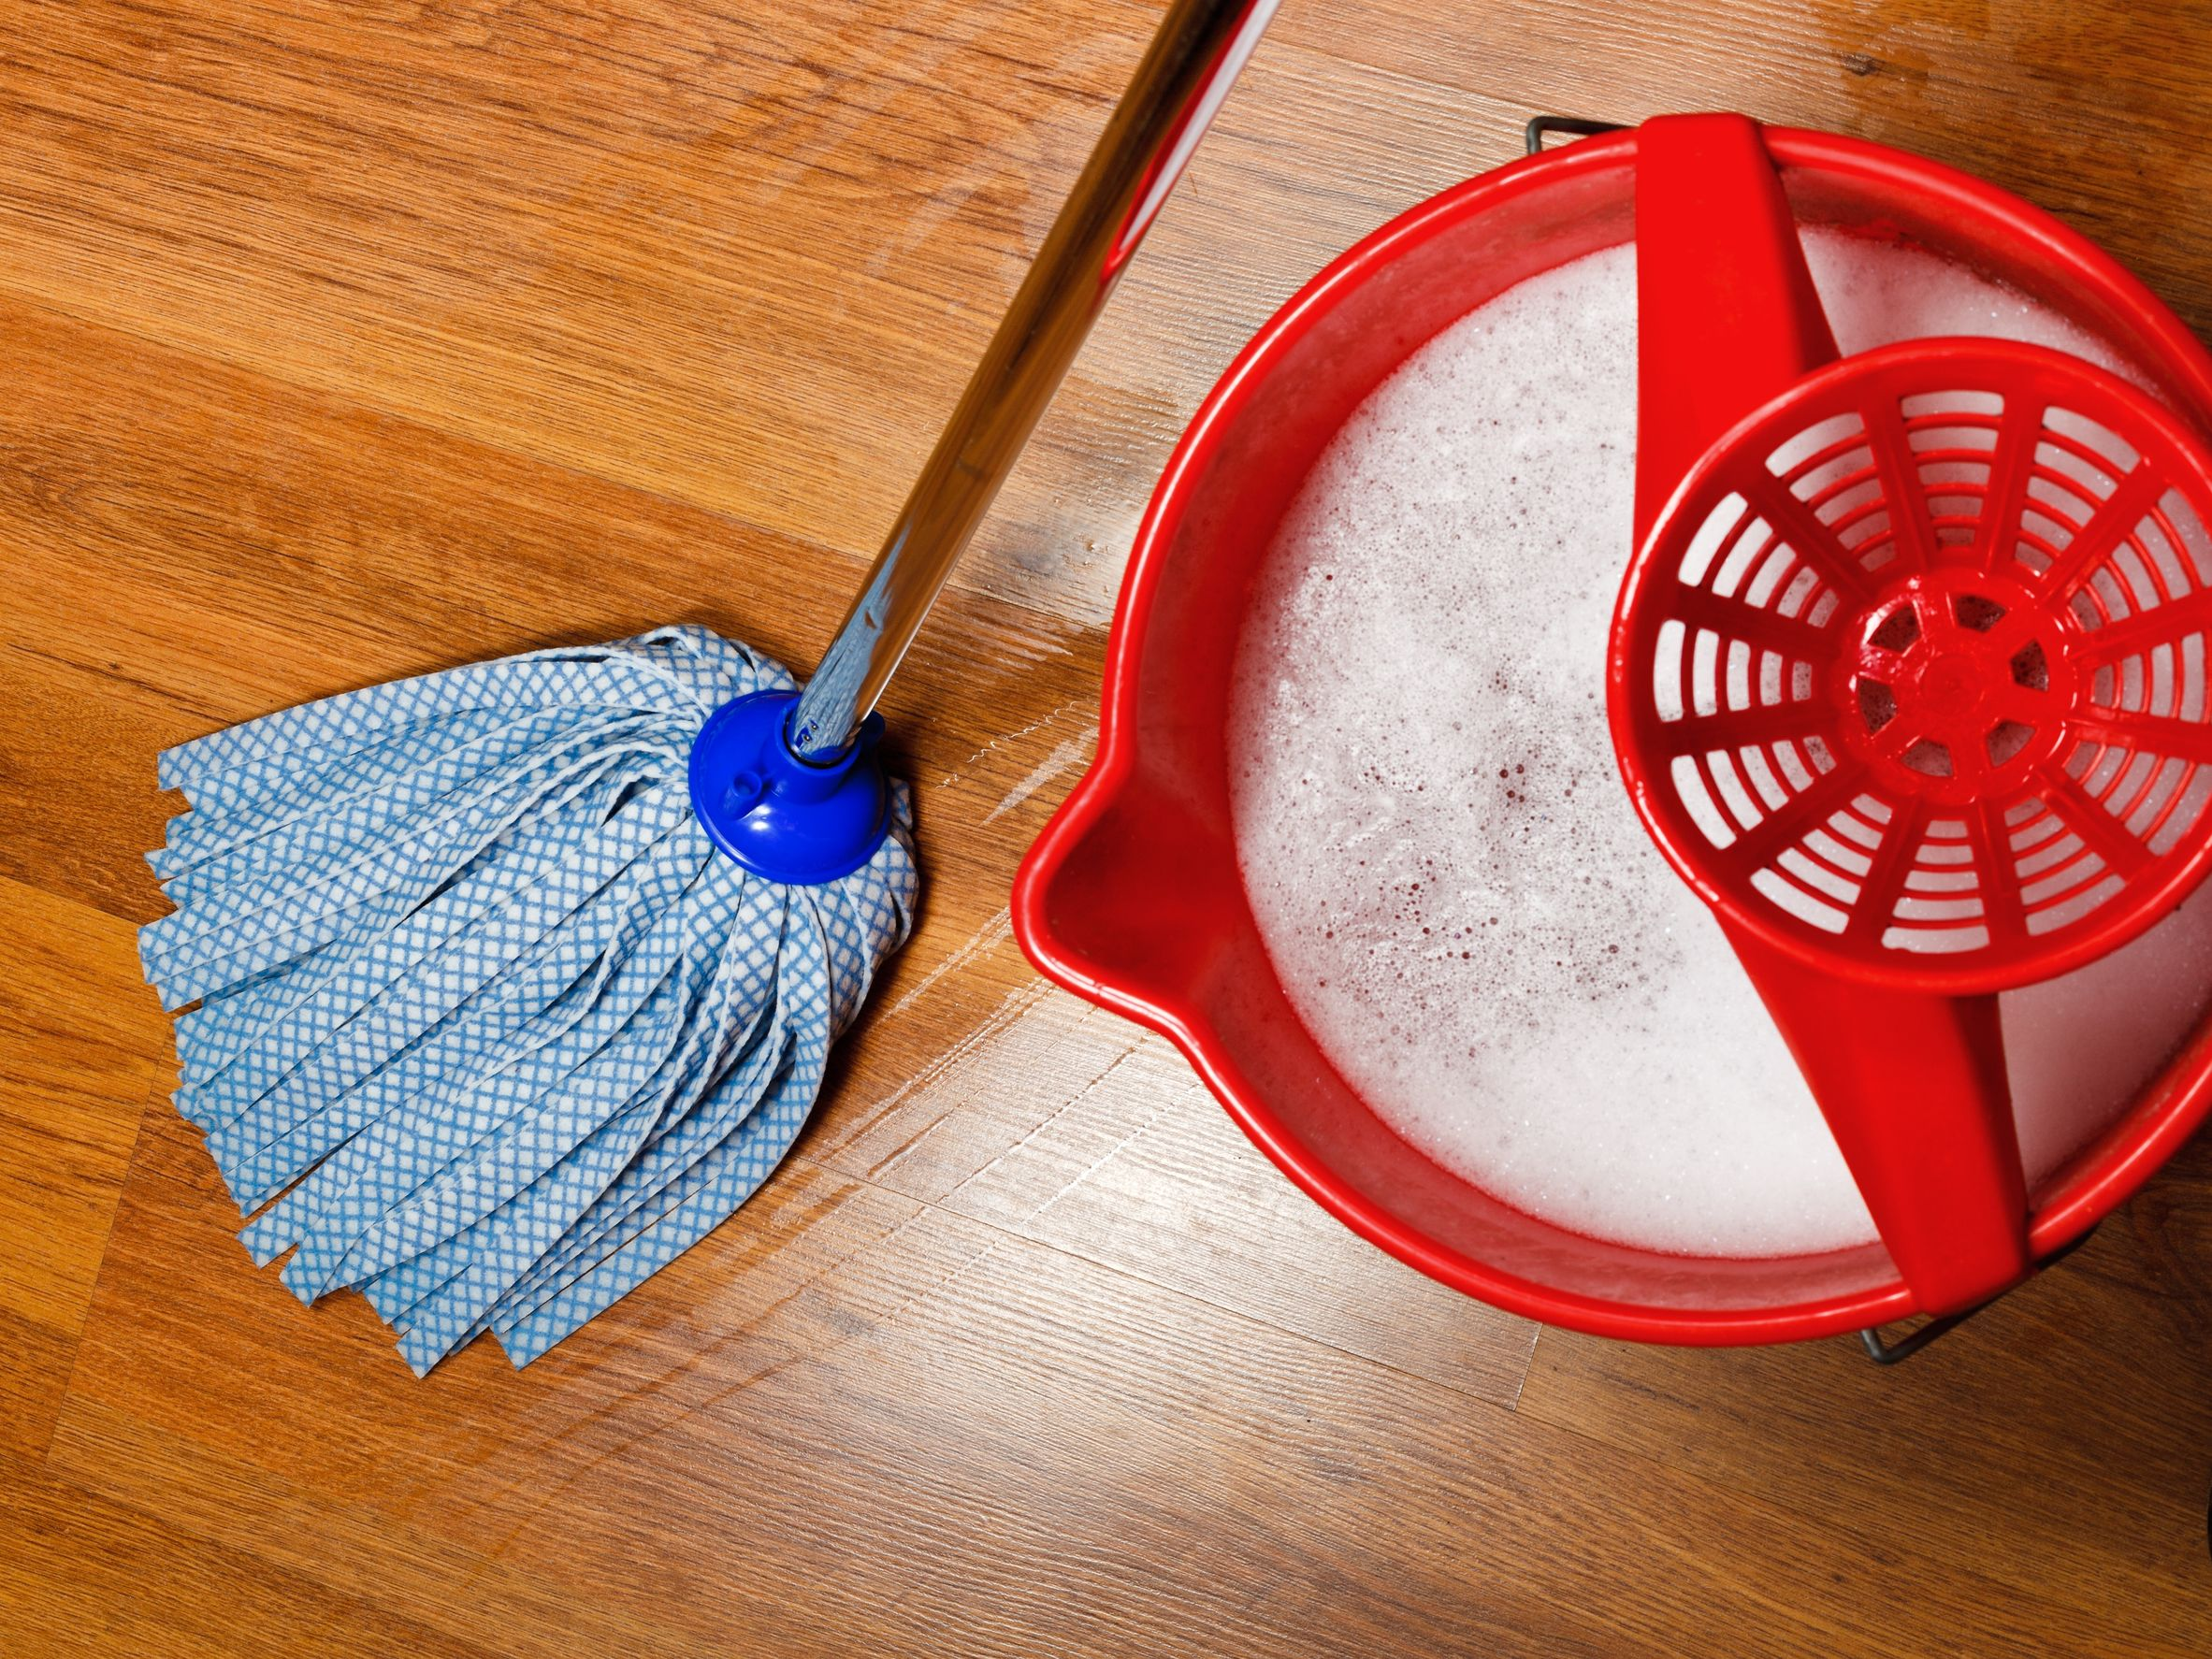 Leifheit Set Clean Twist Disc Mop Wischmop mit effizienter Schleudertechnologie